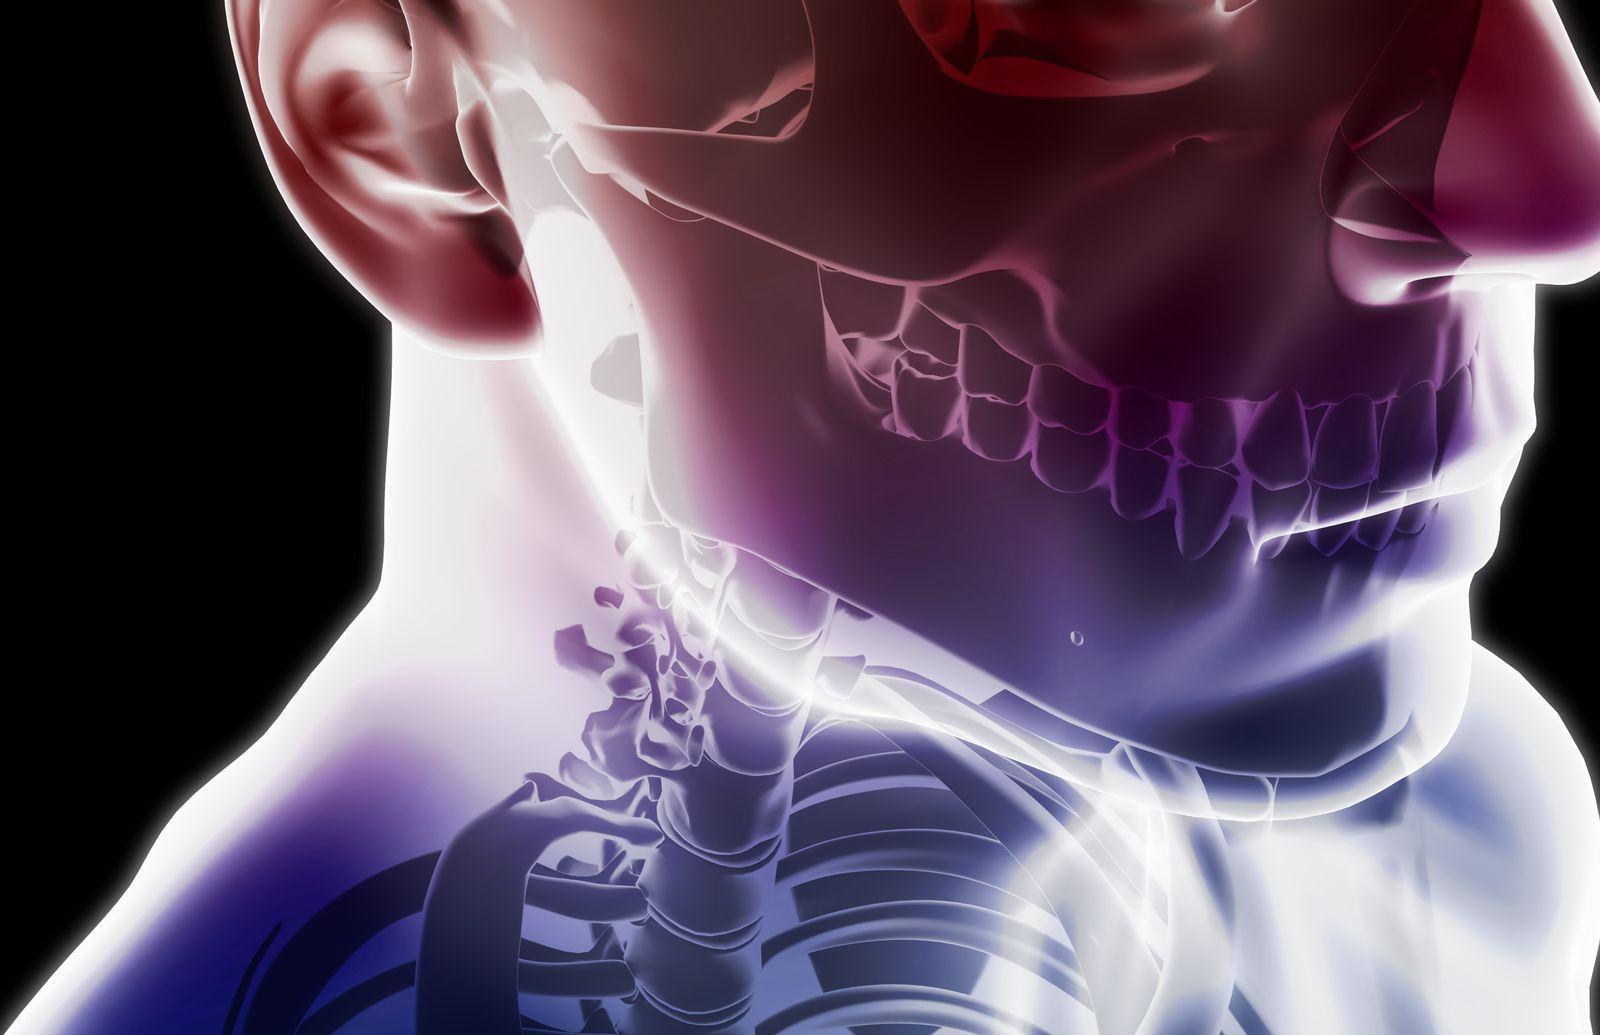 NICHT MEHR VERWENDEN! - SYMBOL / Illustration / Kopf / Hals / Nacken / Skelett / Anatomie /